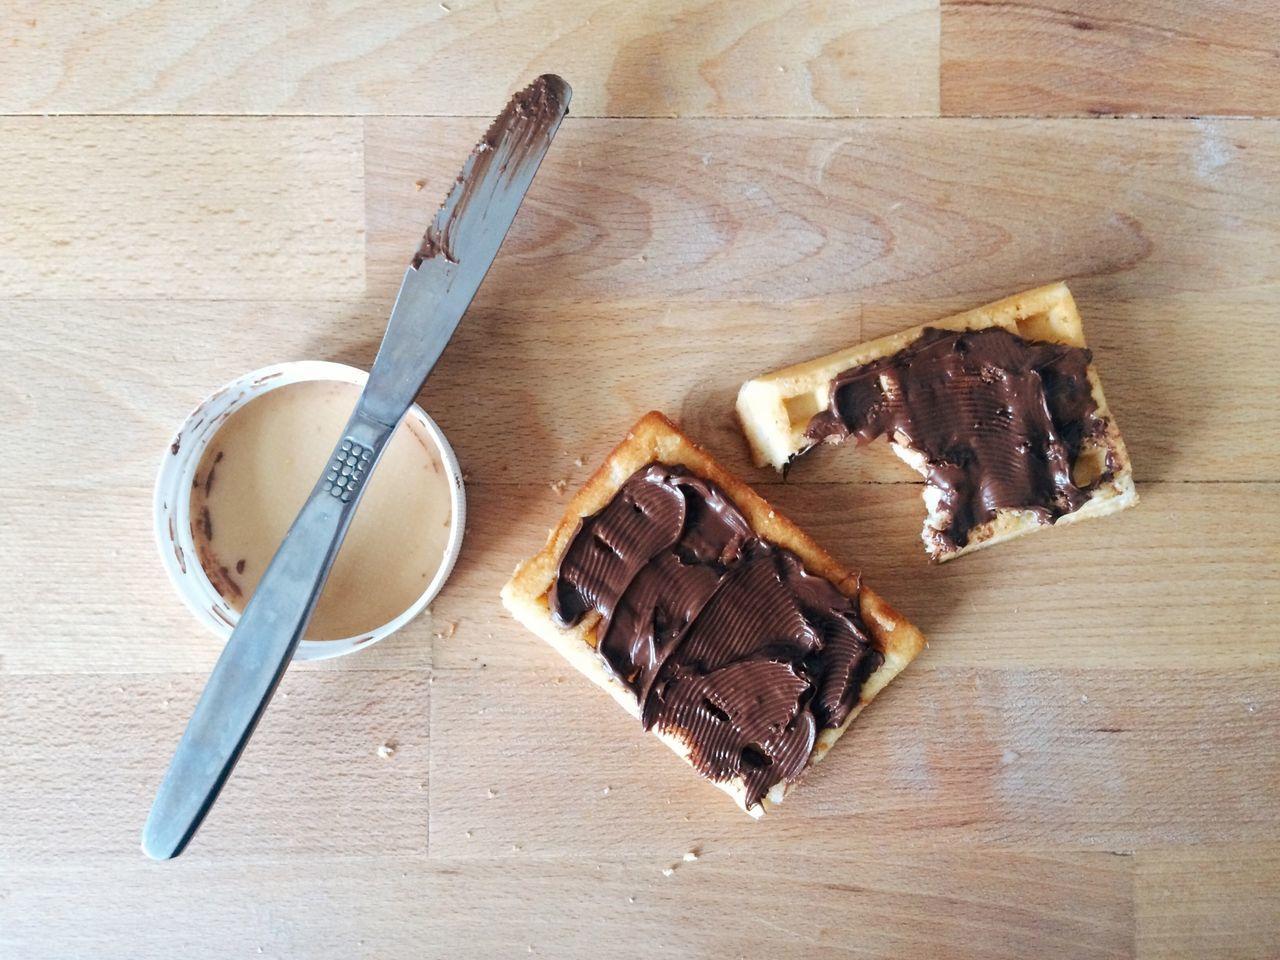 More food. Food Porn Chocolate The EyeEm Breakfast Club EyeEm Bestsellers